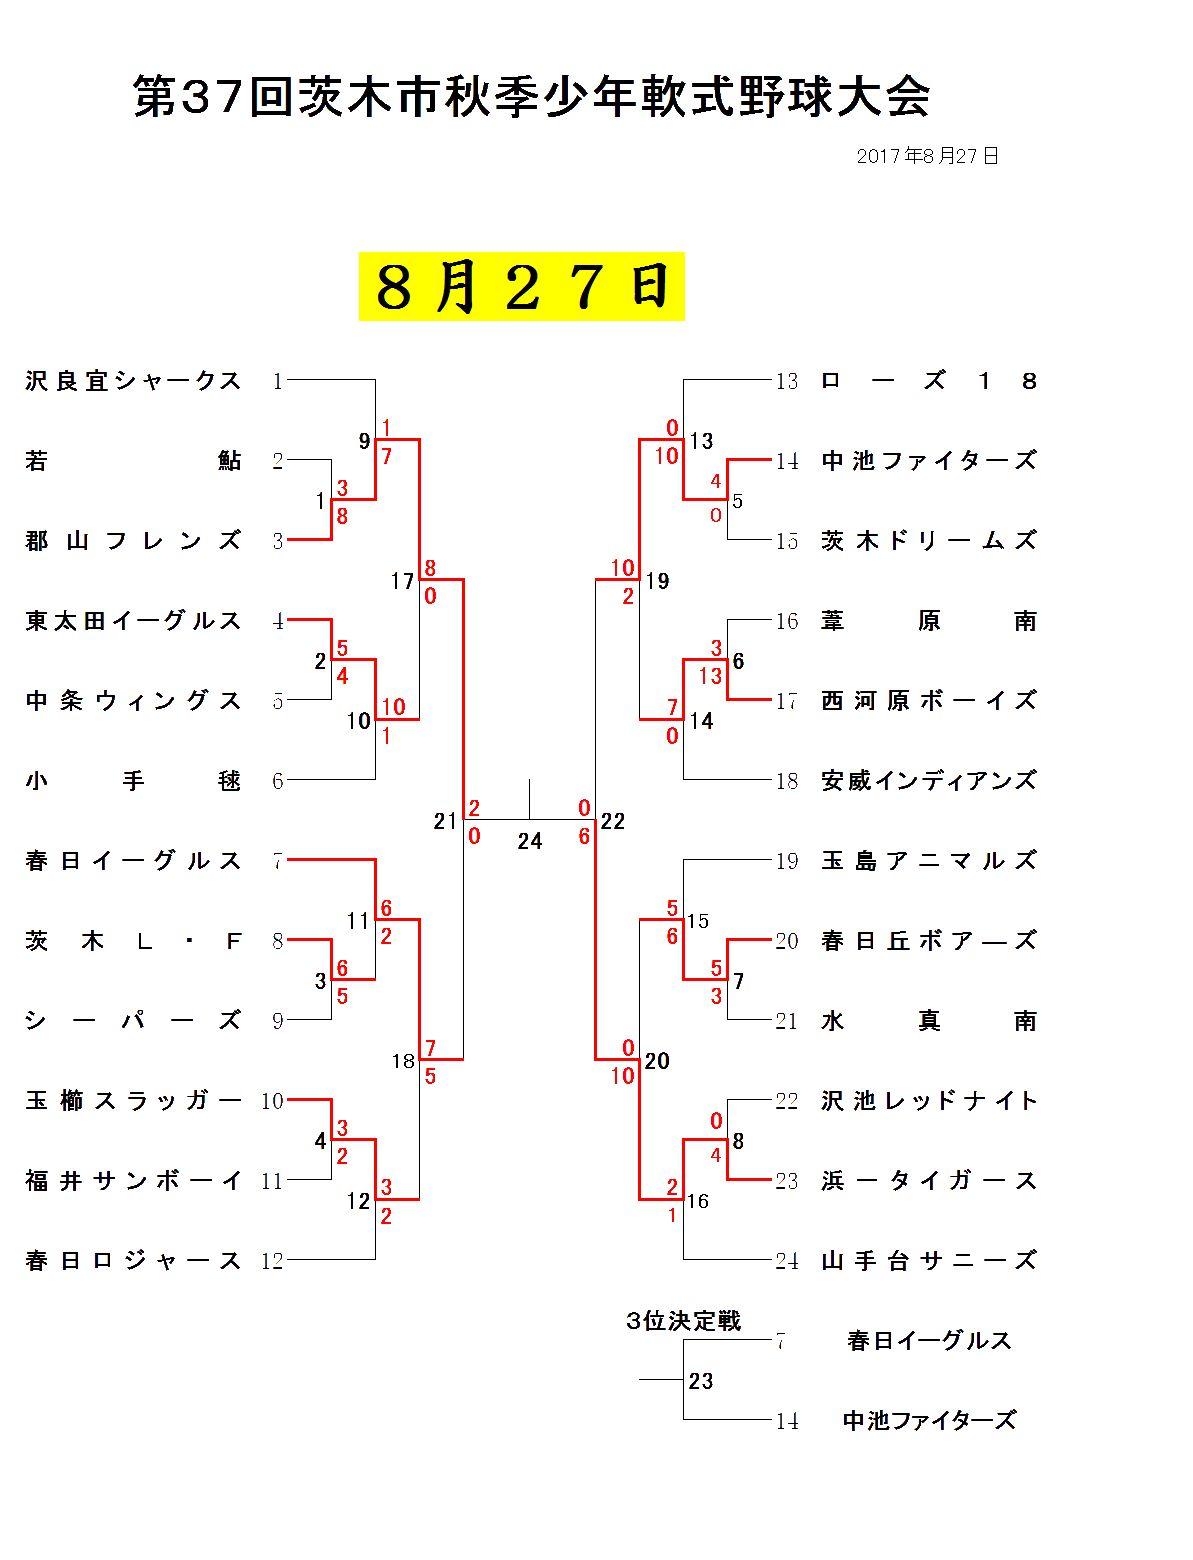 8月27日試合結果 学童秋季大会